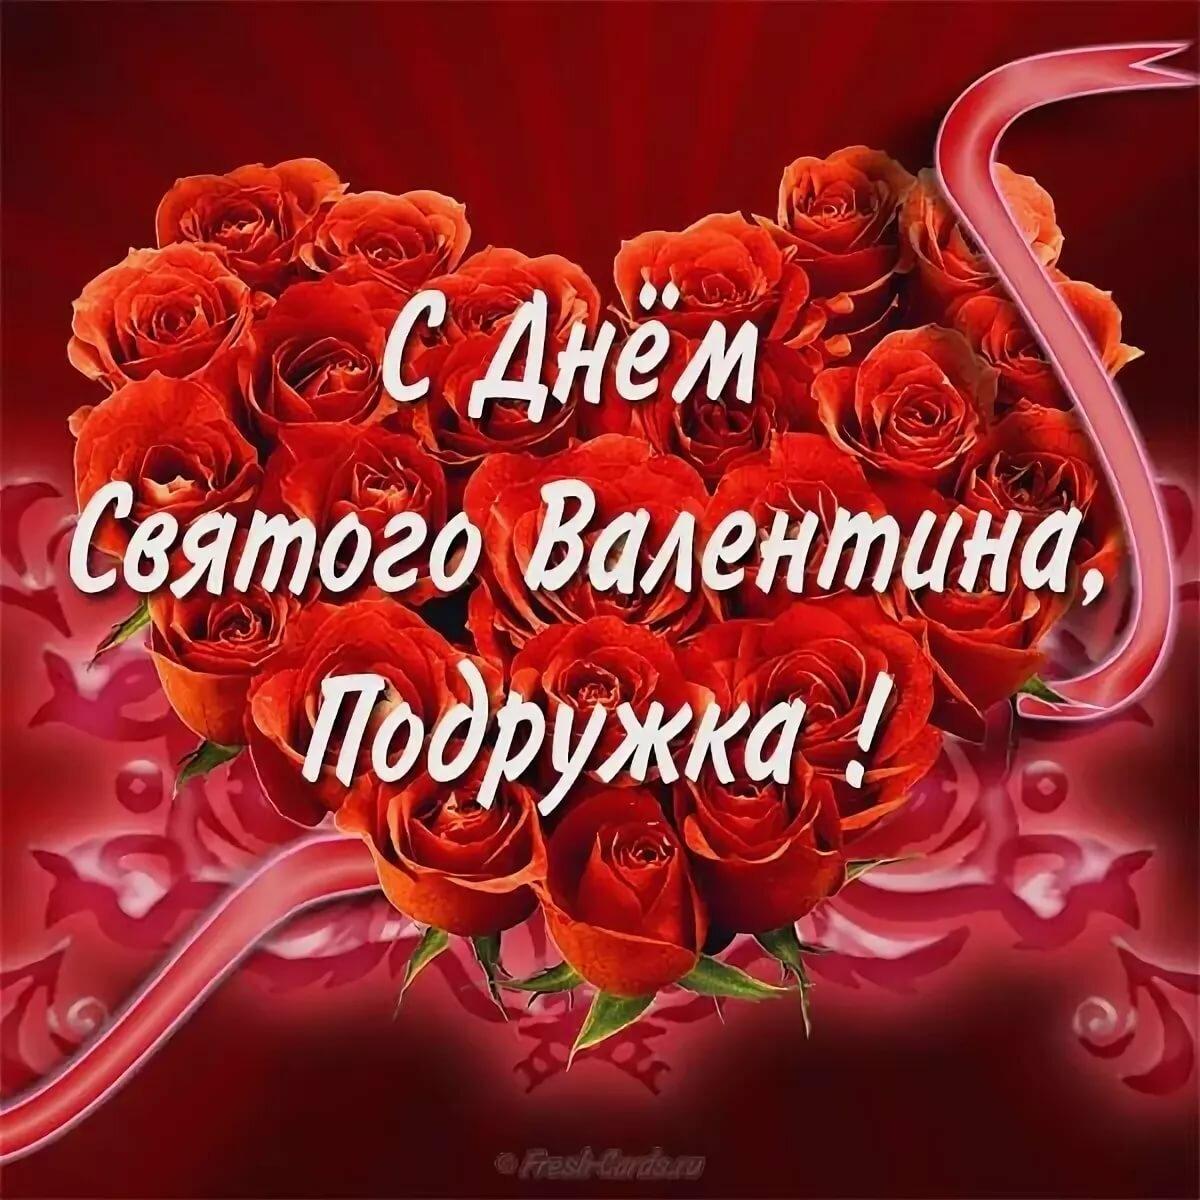 Для вероники, поздравить открыткой подружку с днем святого валентина